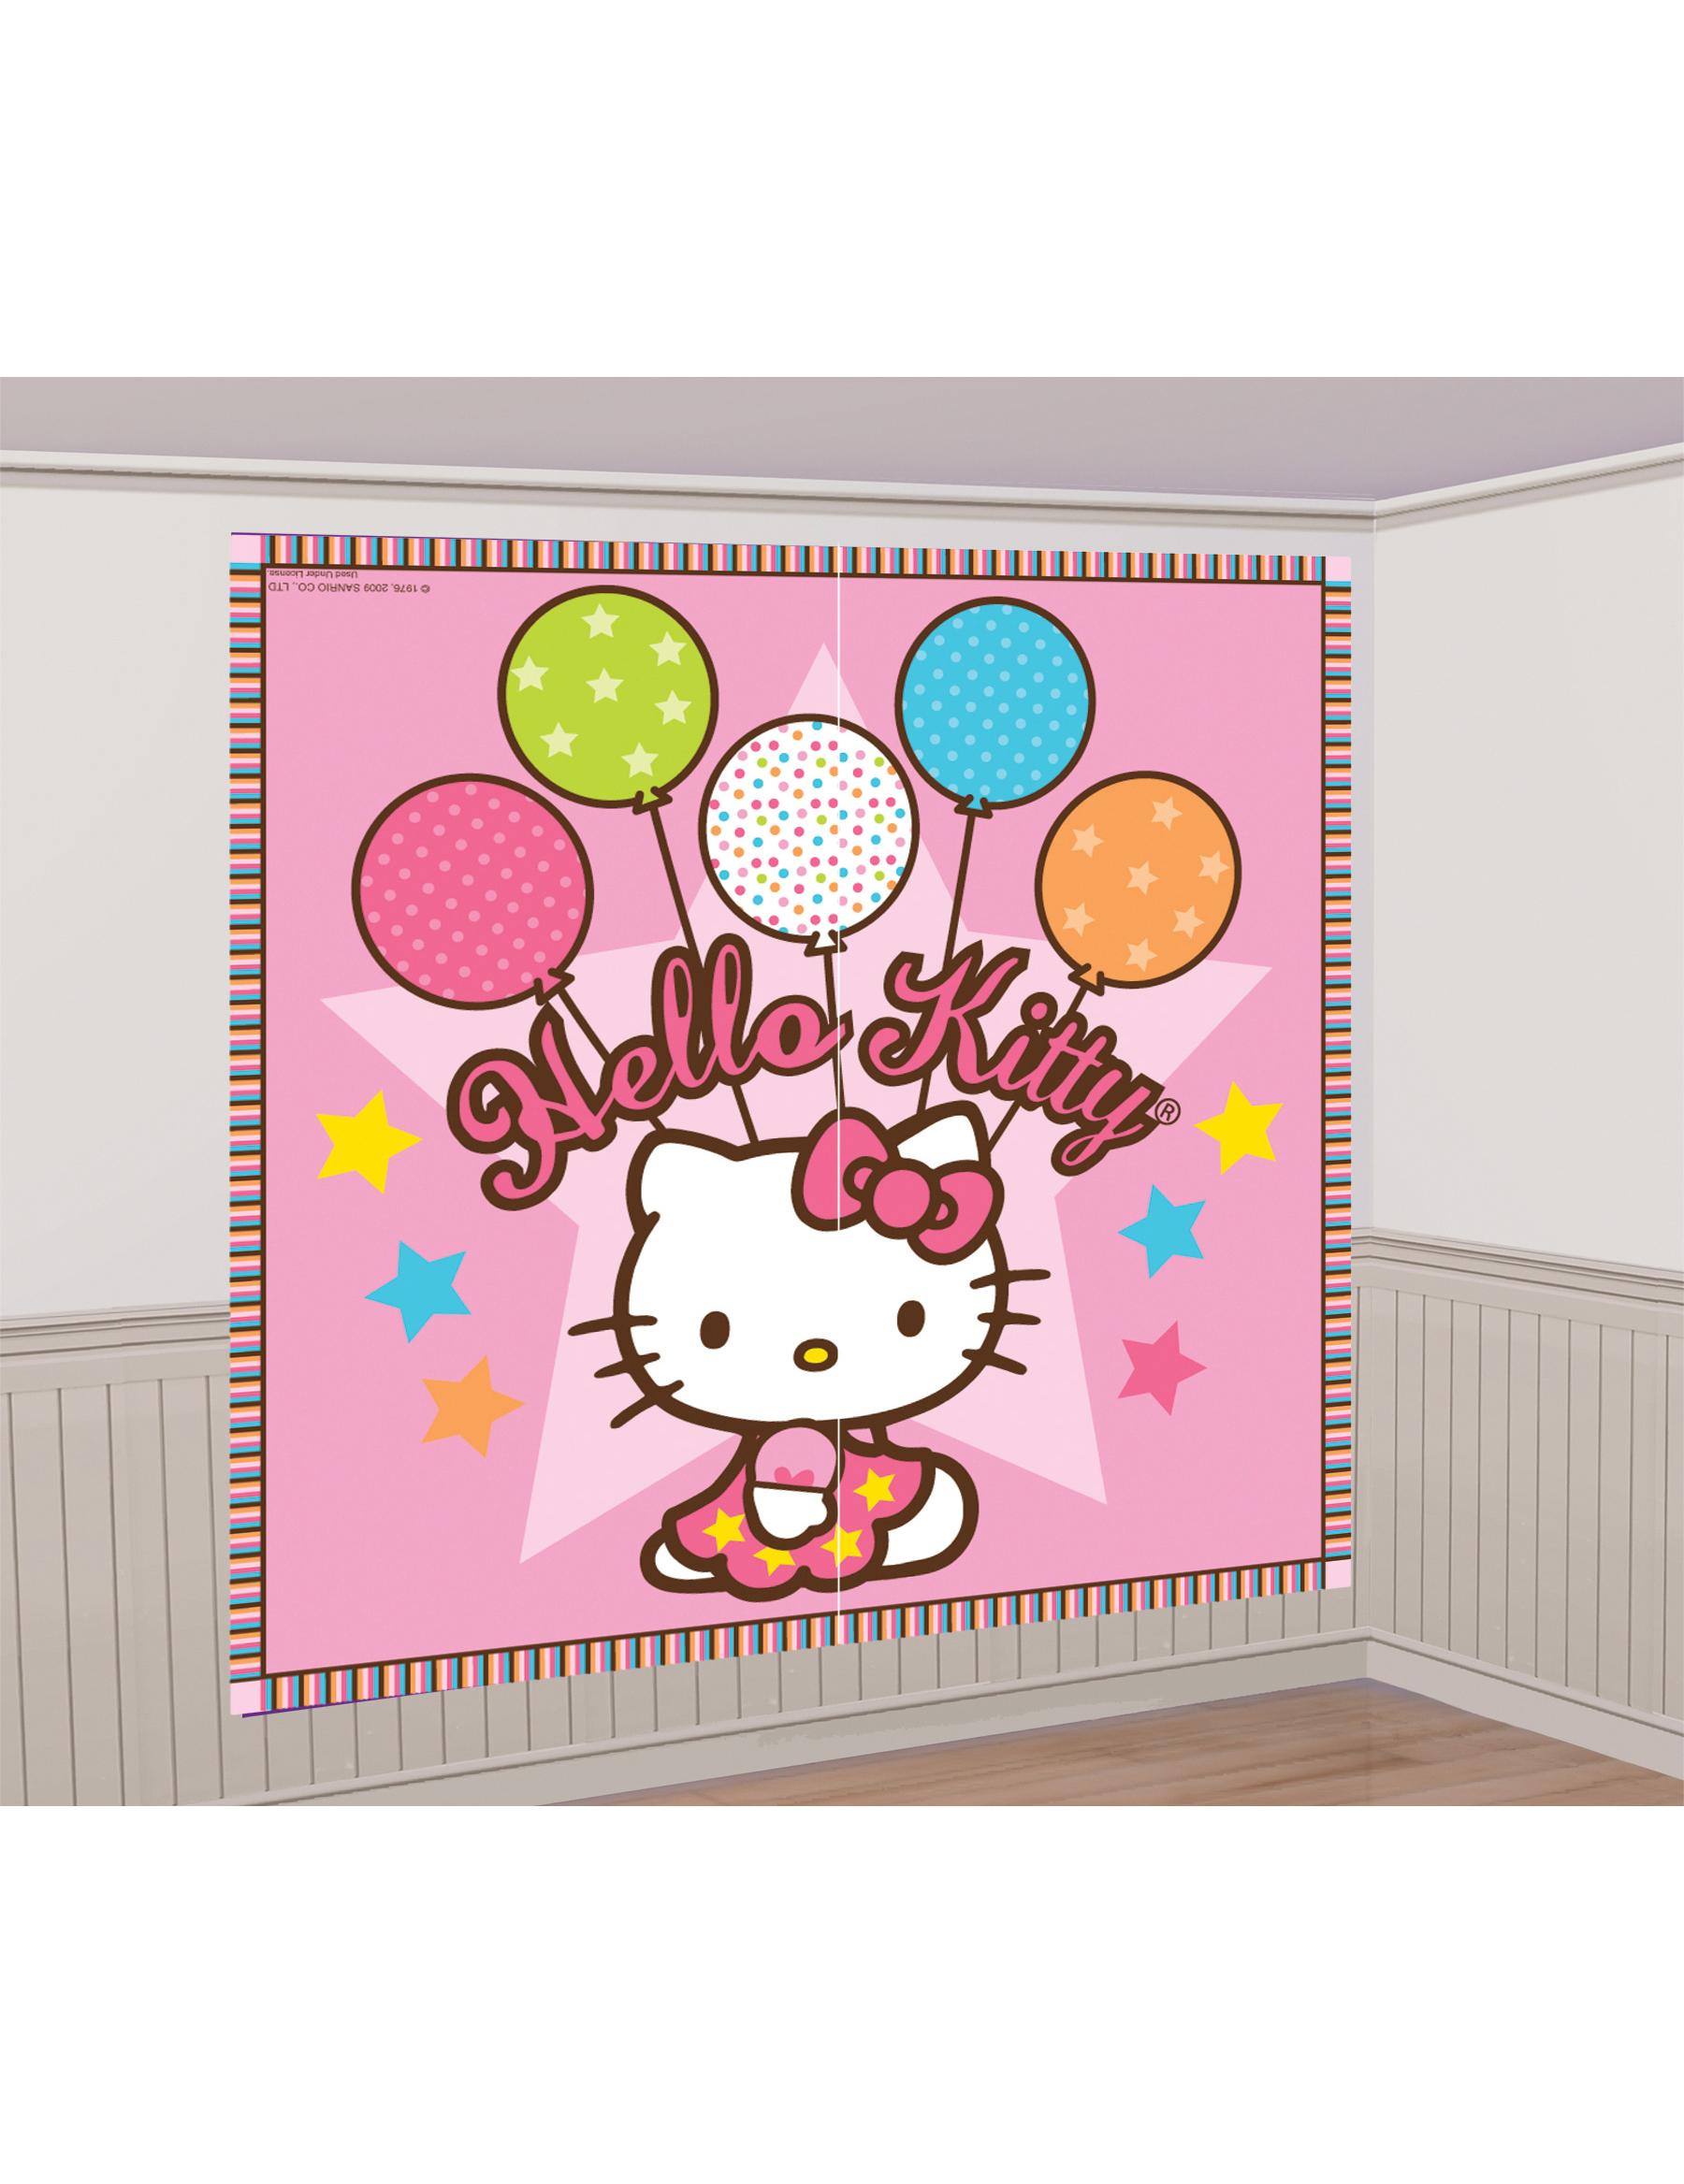 Decorazioni murali hello kitty addobbi e vestiti di for Decorazioni murali